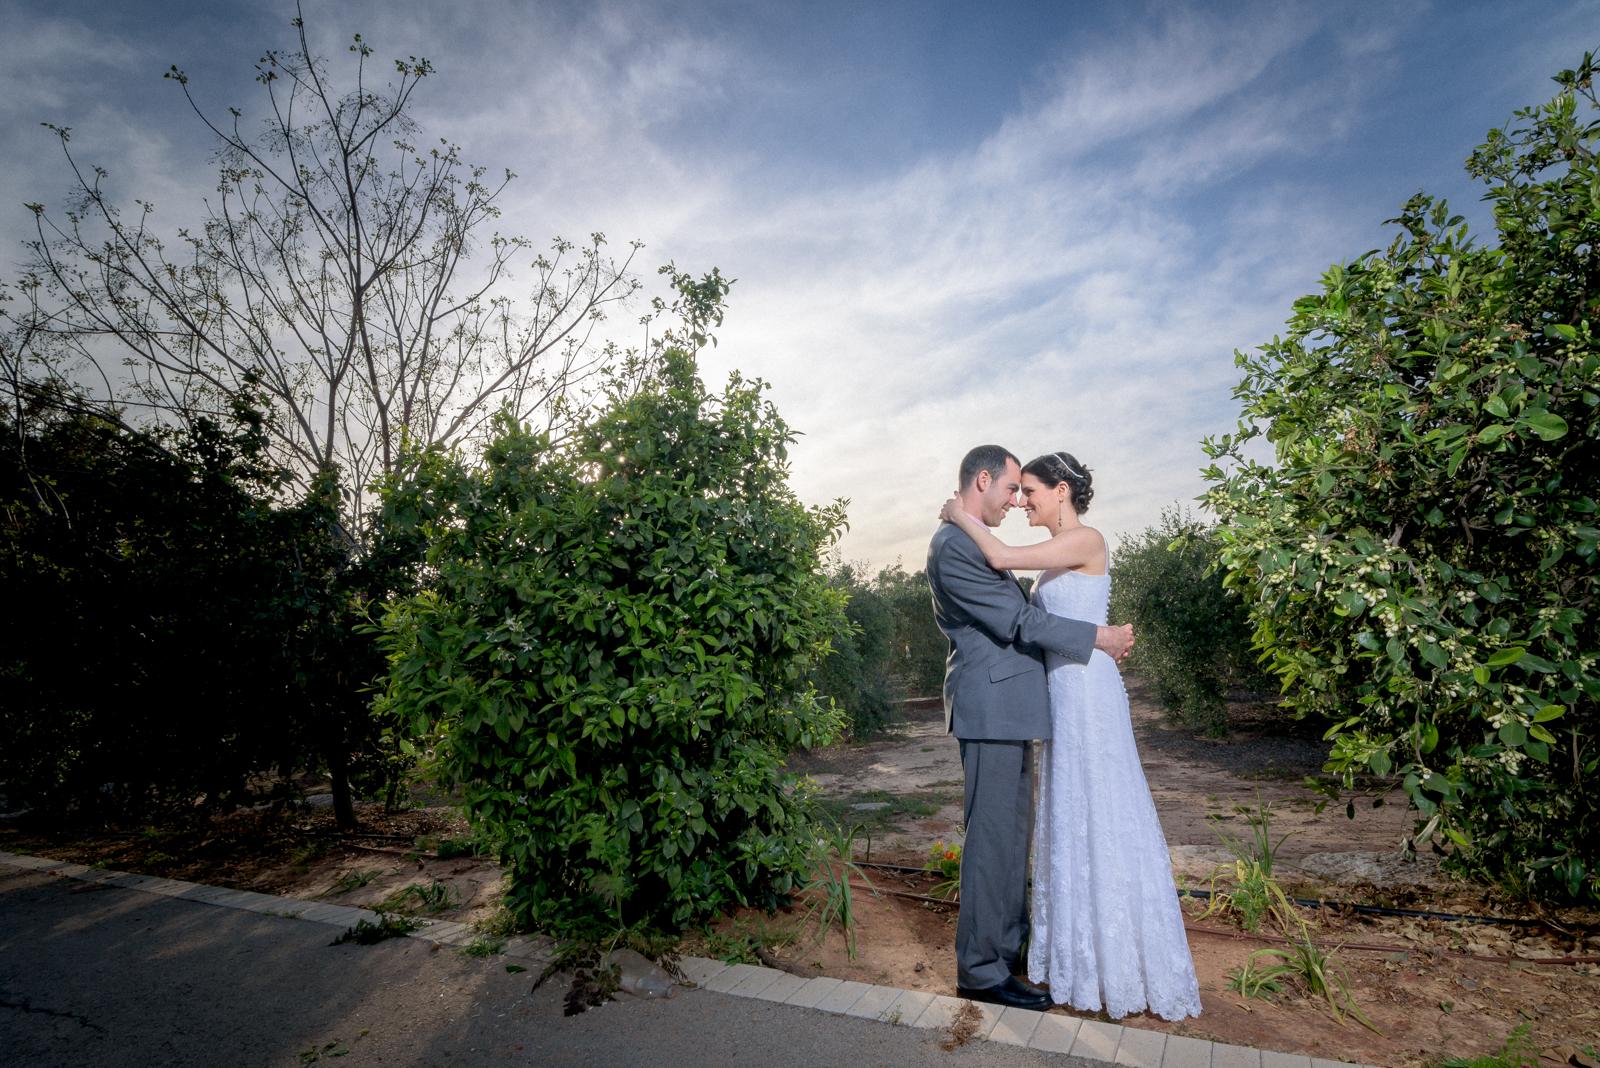 צלם לחתונה צילום חתונה-1002.jpg